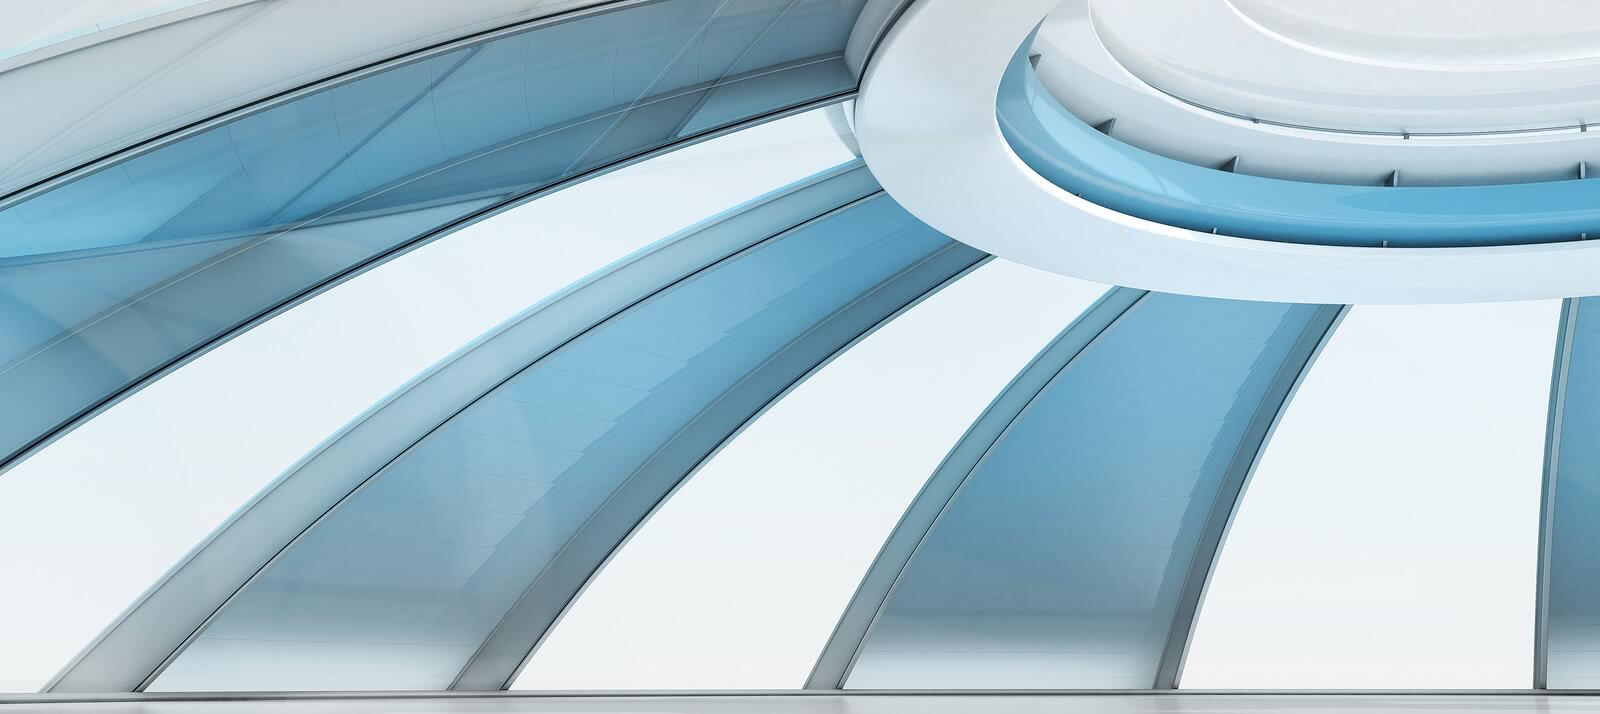 PRK transluzente Architektur Bauteile GFK 2019 07 30 12 14 49 2020 10 14 15 43 26